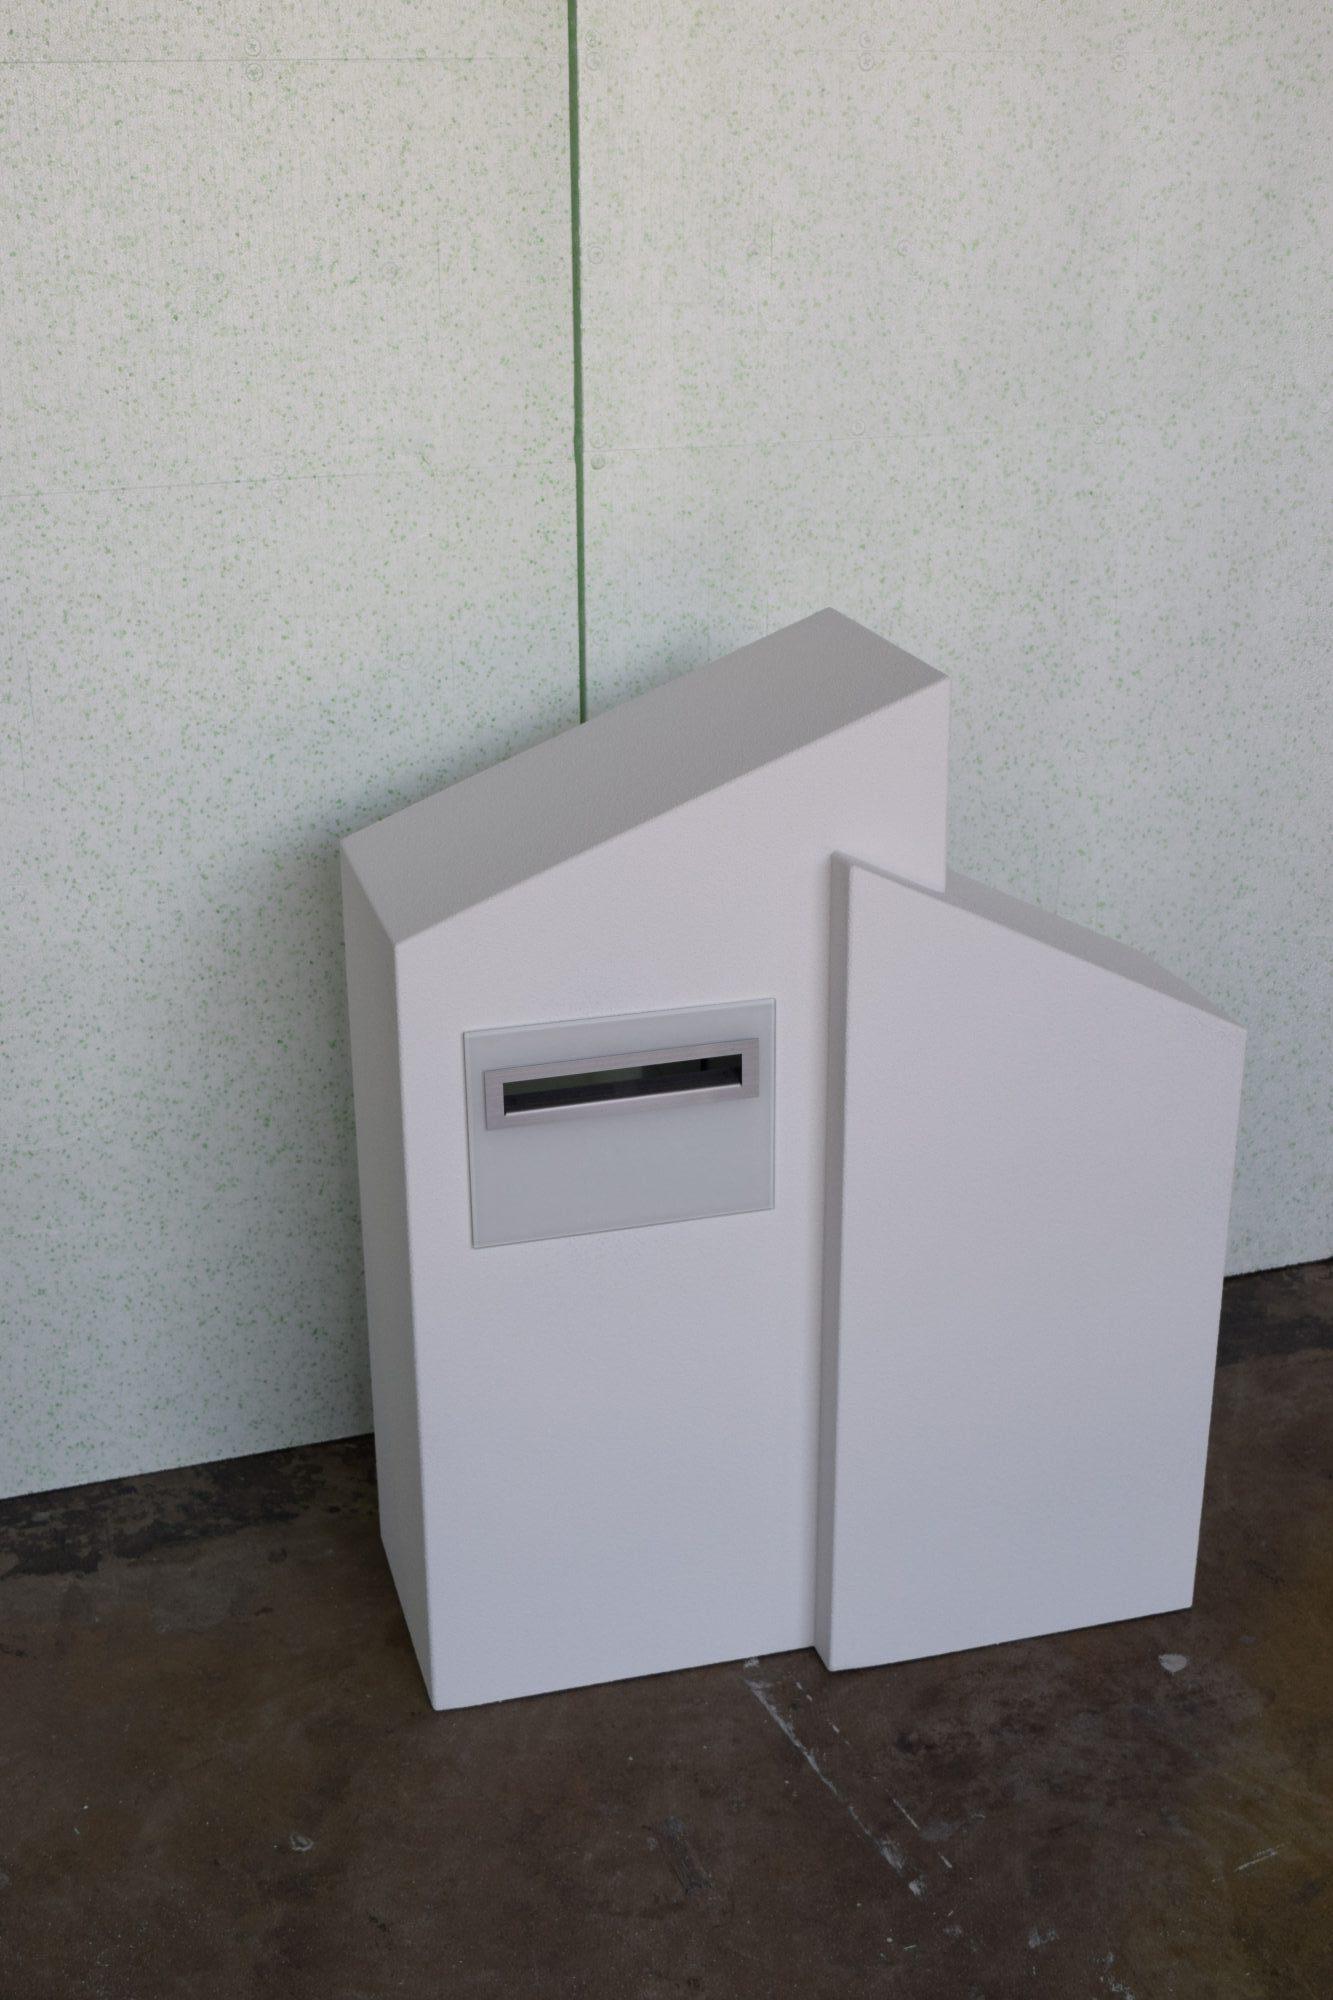 M5 e1552282592771 - Letterboxes